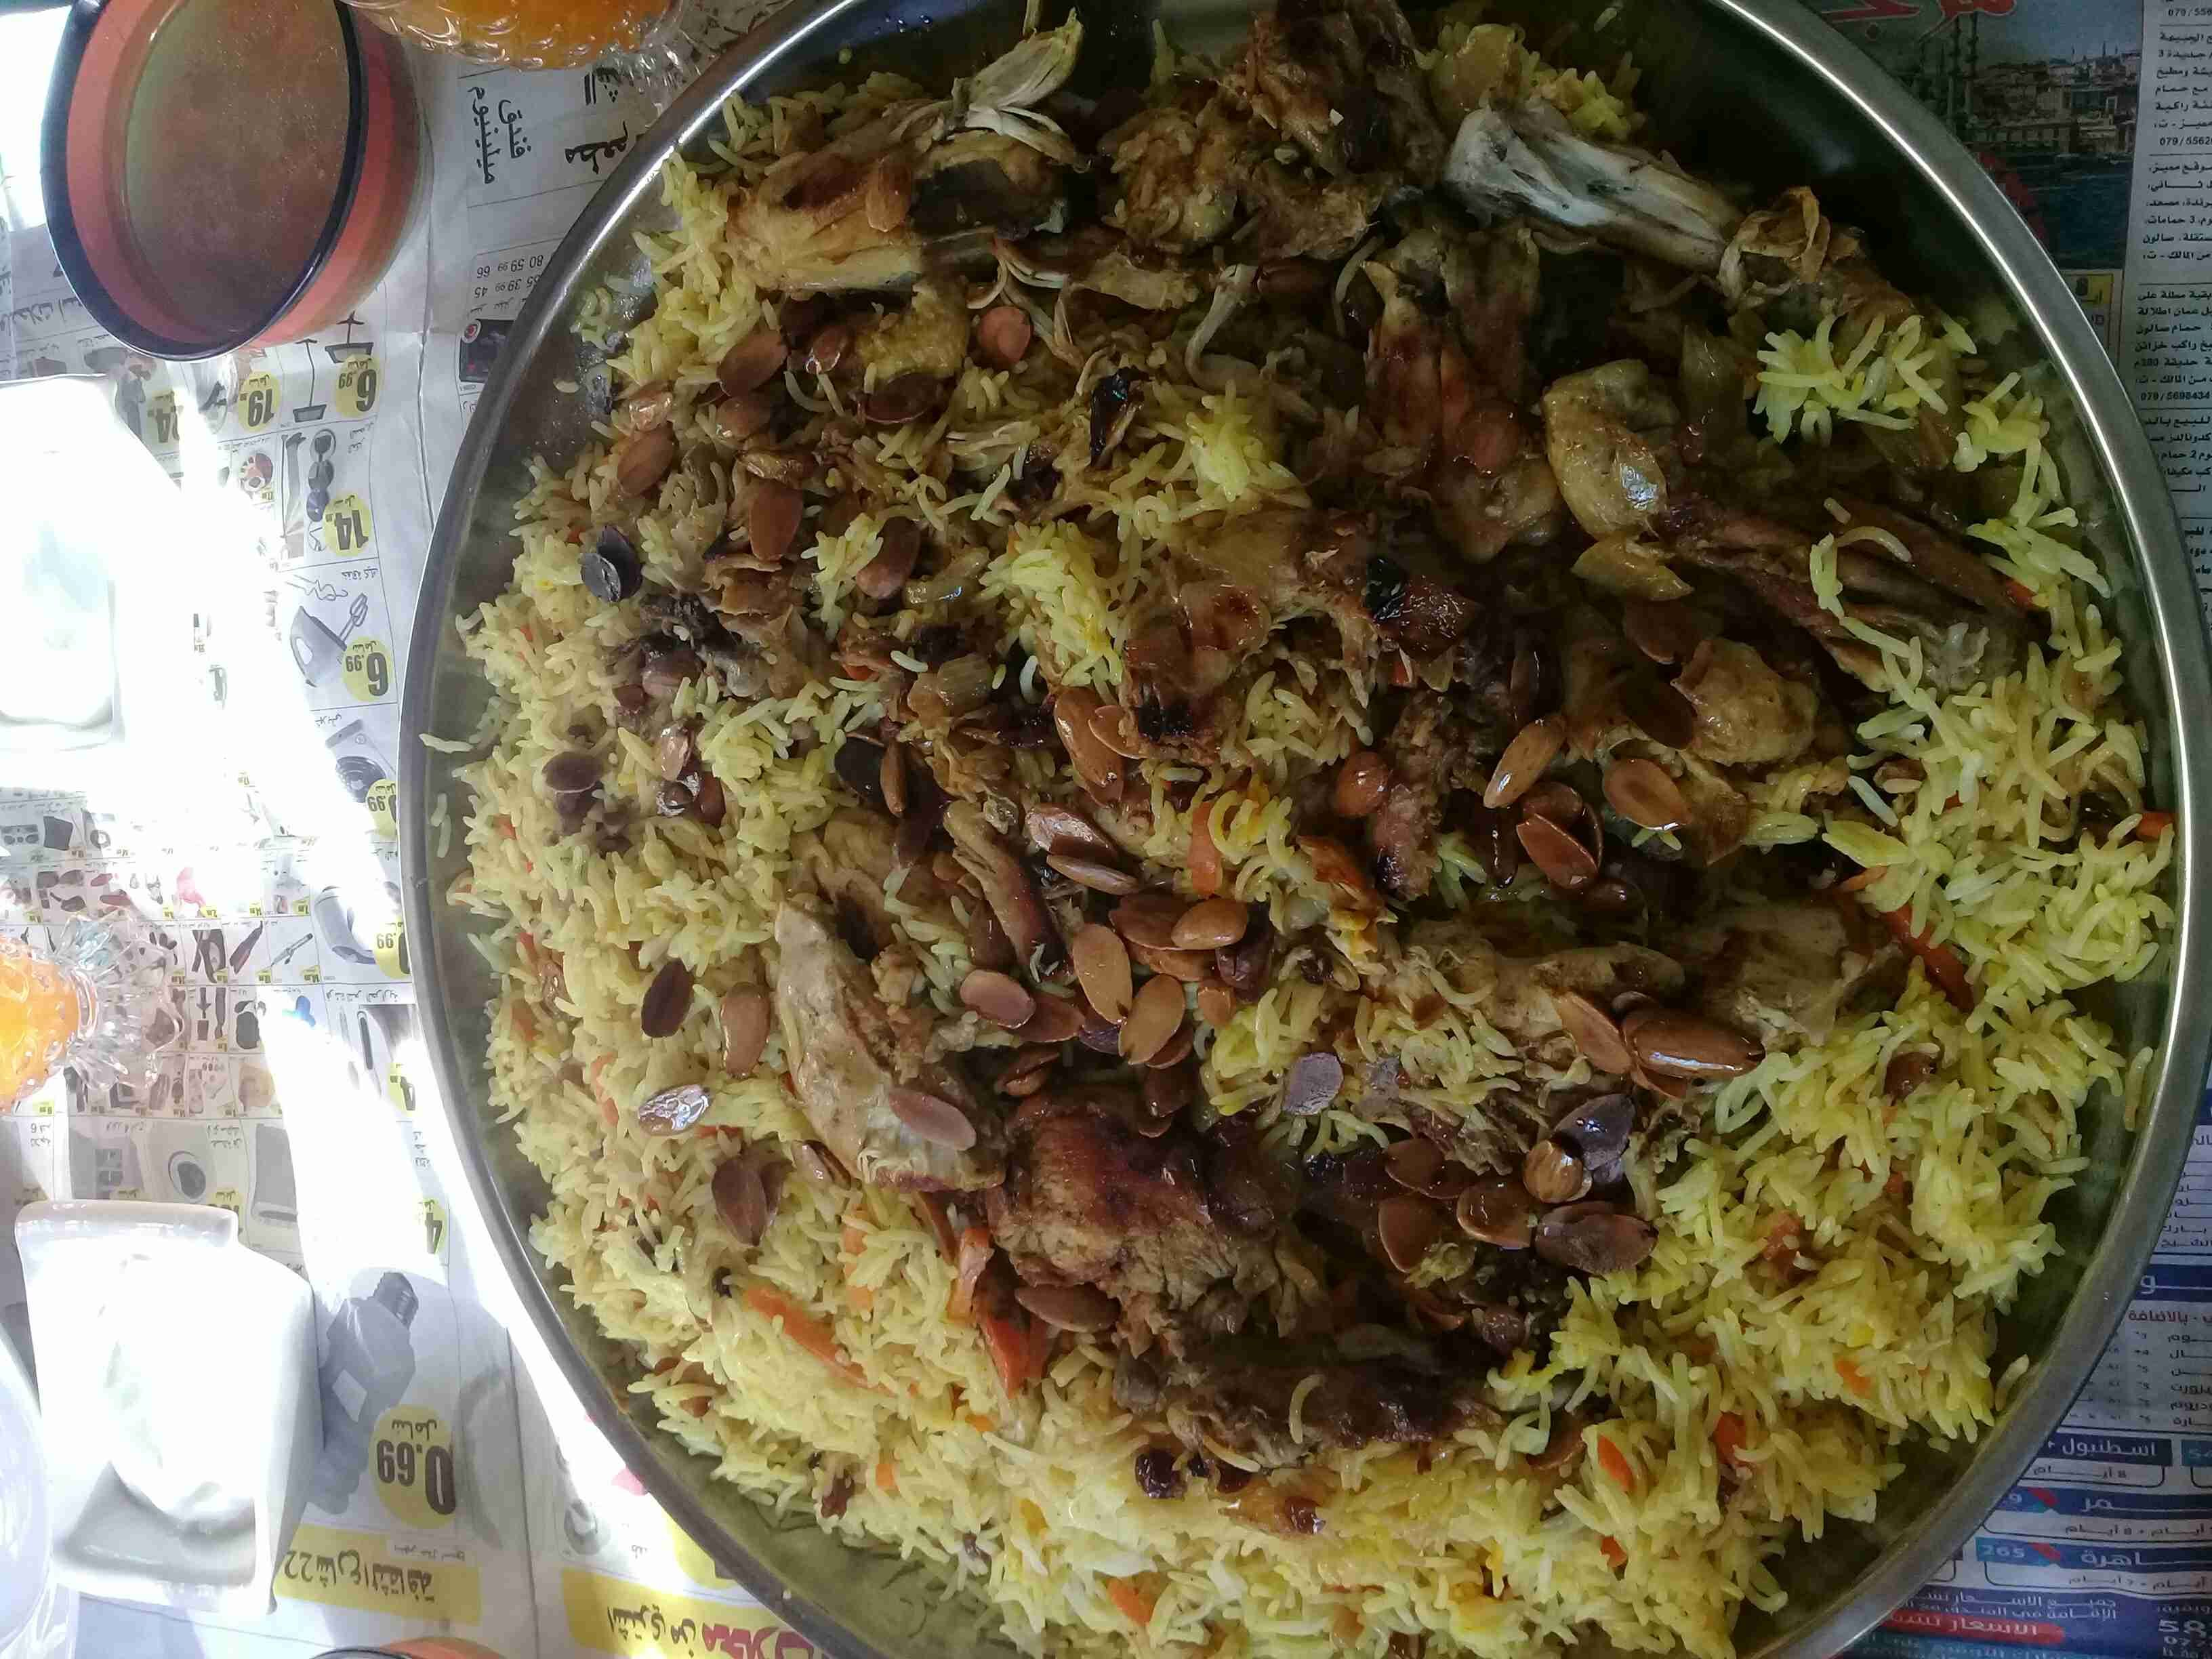 الأرز البخاري بالدجاج سهلة وشهية الطعم خيال مع رباح محمد الحلقة 510 Youtube Turkish Recipes Recipes Food